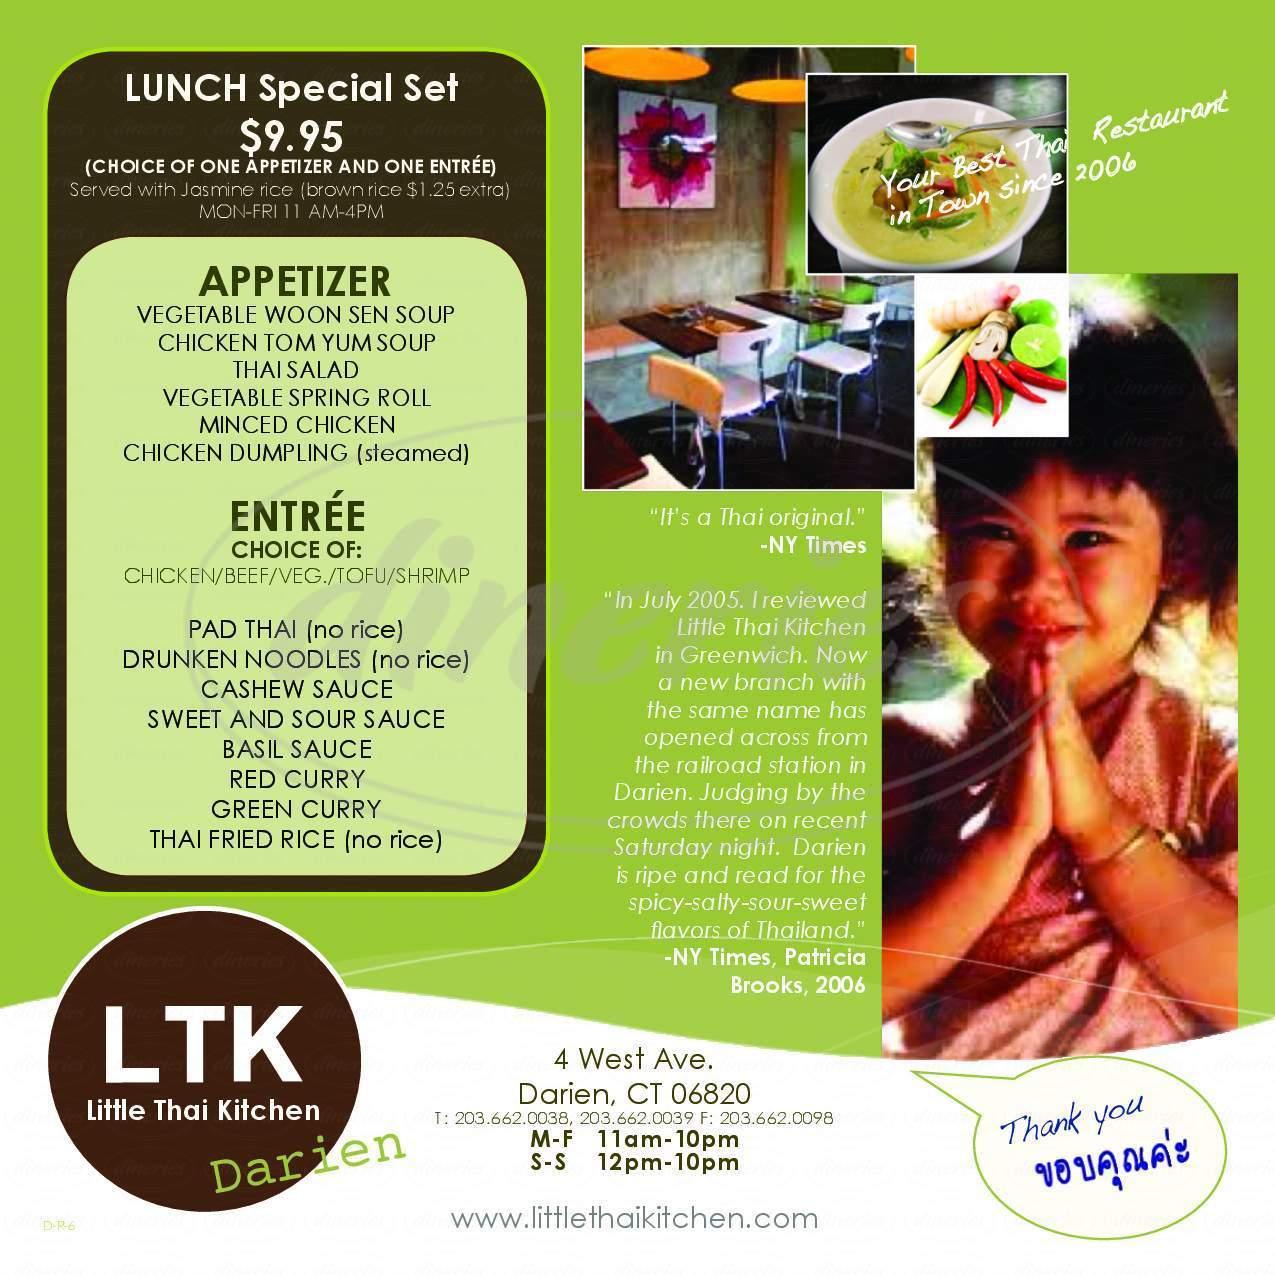 Little Thai Kitchen Darien | Little Thai Kitchen Menu Darien Dineries